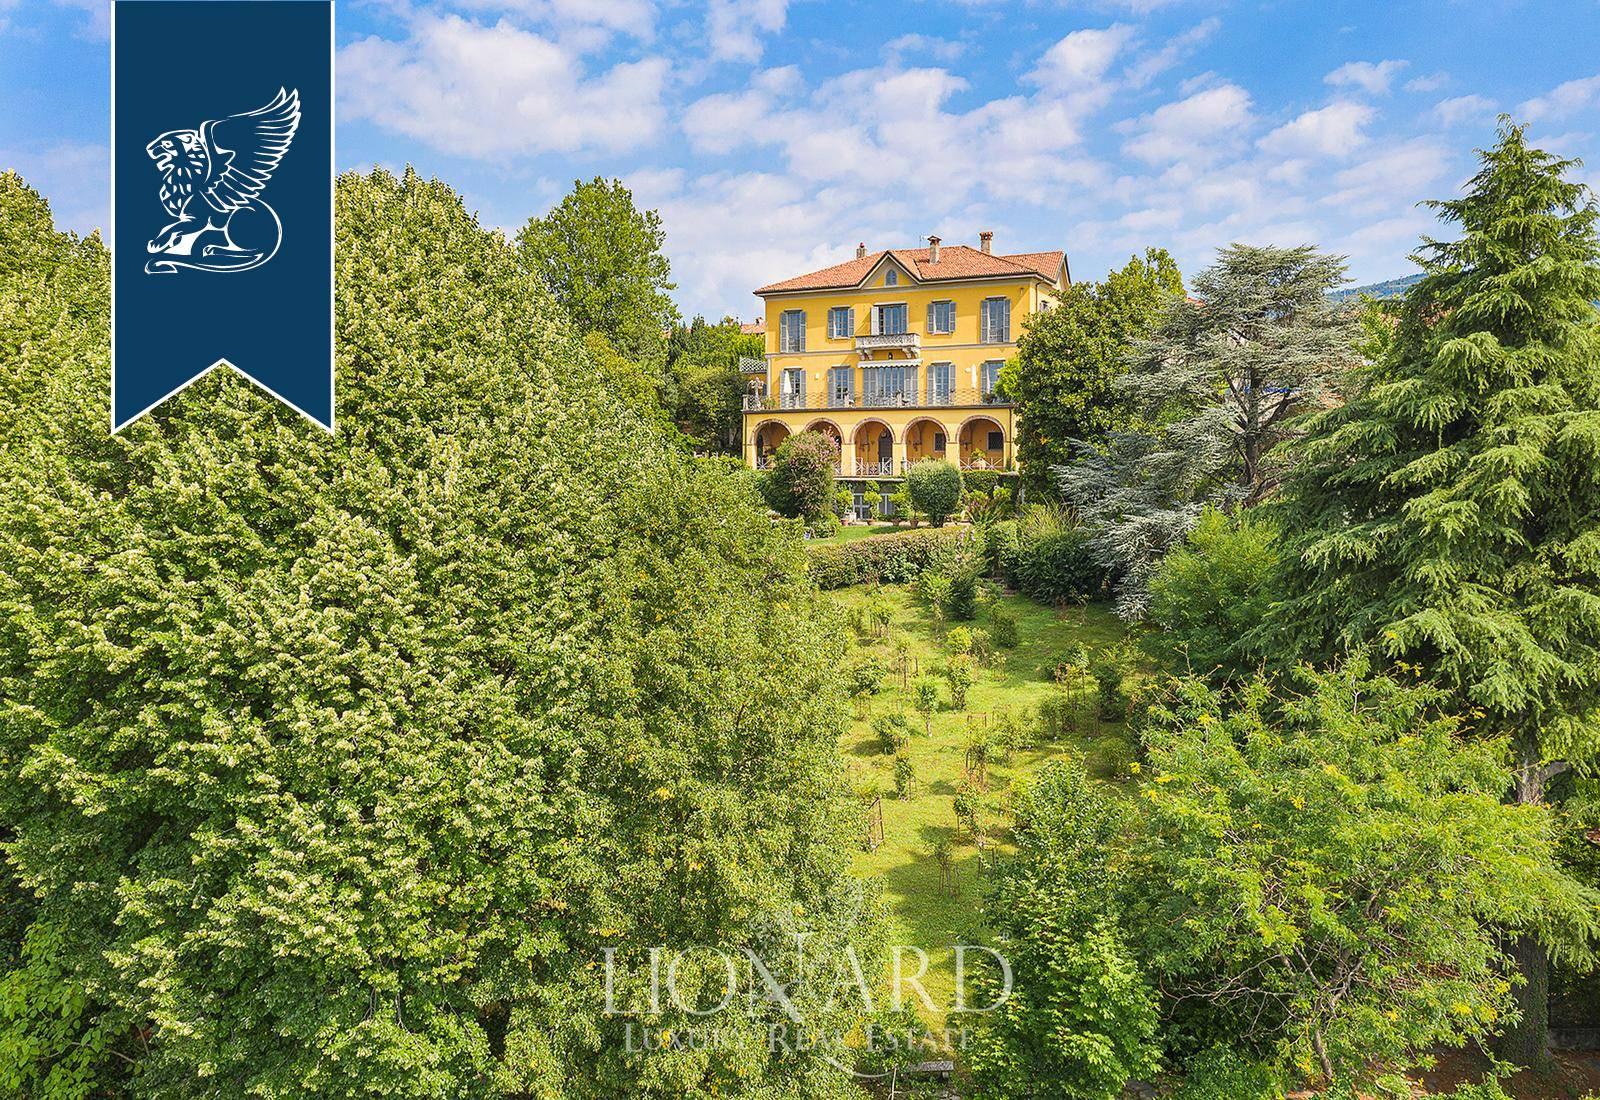 Villa in Vendita a La Valletta Brianza: 0 locali, 1050 mq - Foto 2